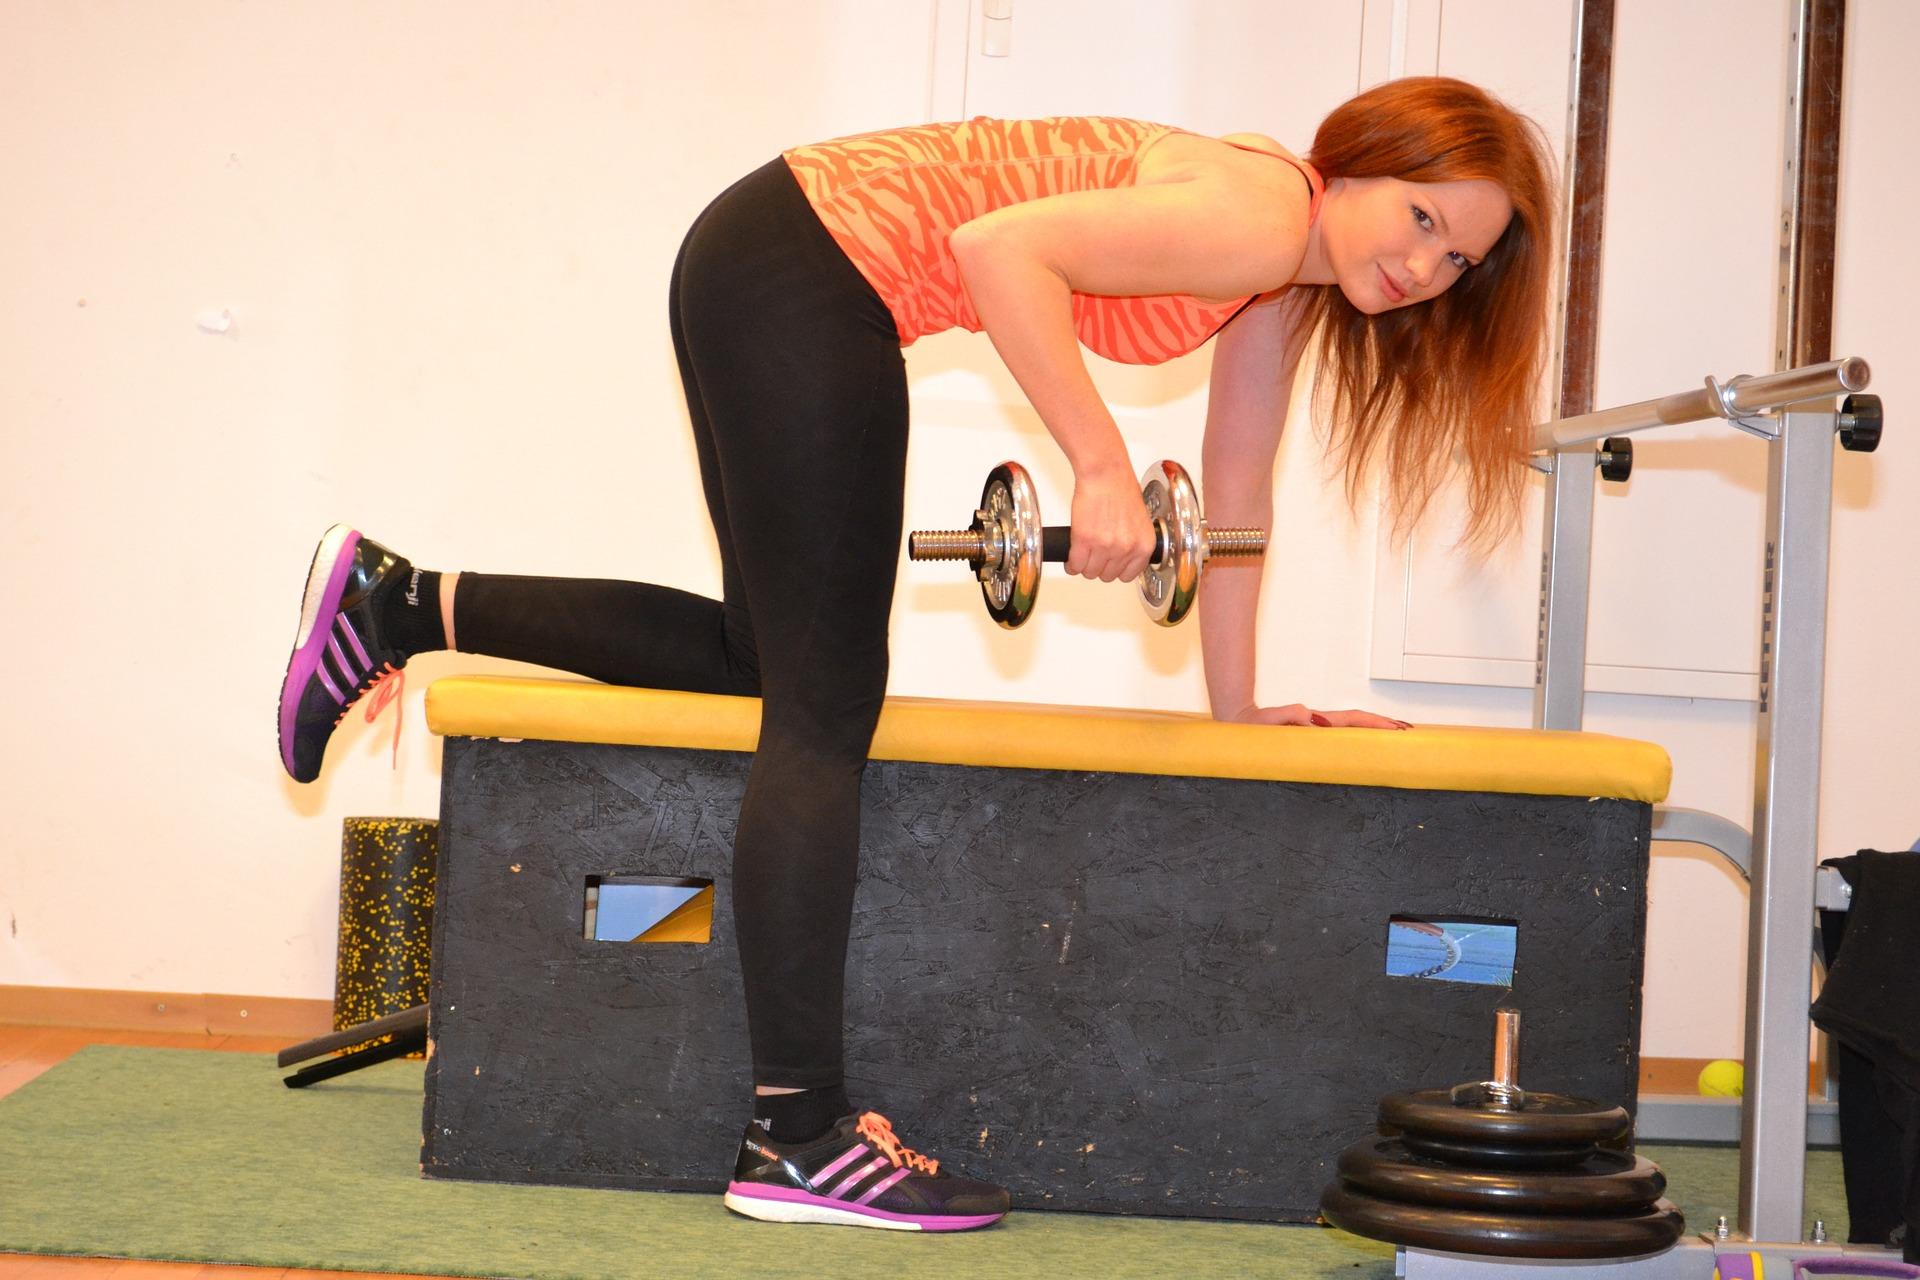 女性がベンチに片手、片足をつけながらトレーニングをしている